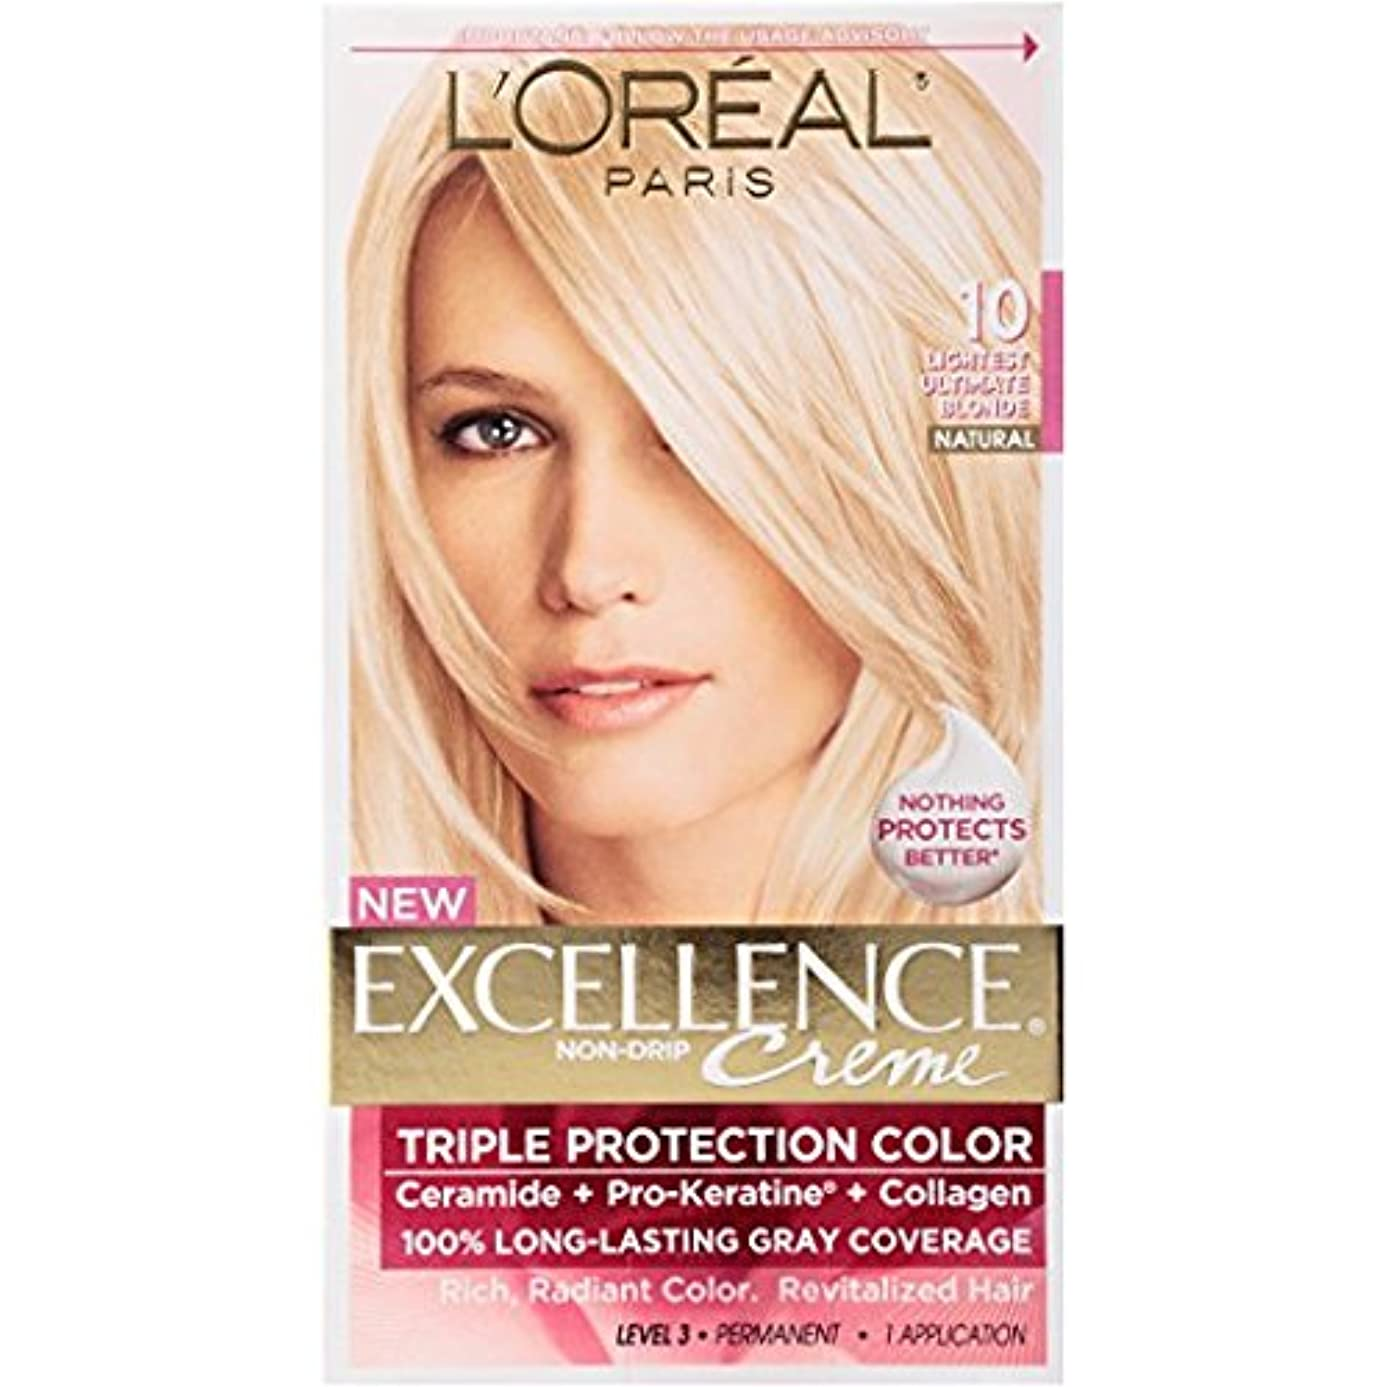 晩ごはん冊子アイザックロレアル L'Oreal Paris Excellence Creme Pro - Keratine 10 Light Ultimate Blonde ブロンド ヘアダイ [並行輸入品]